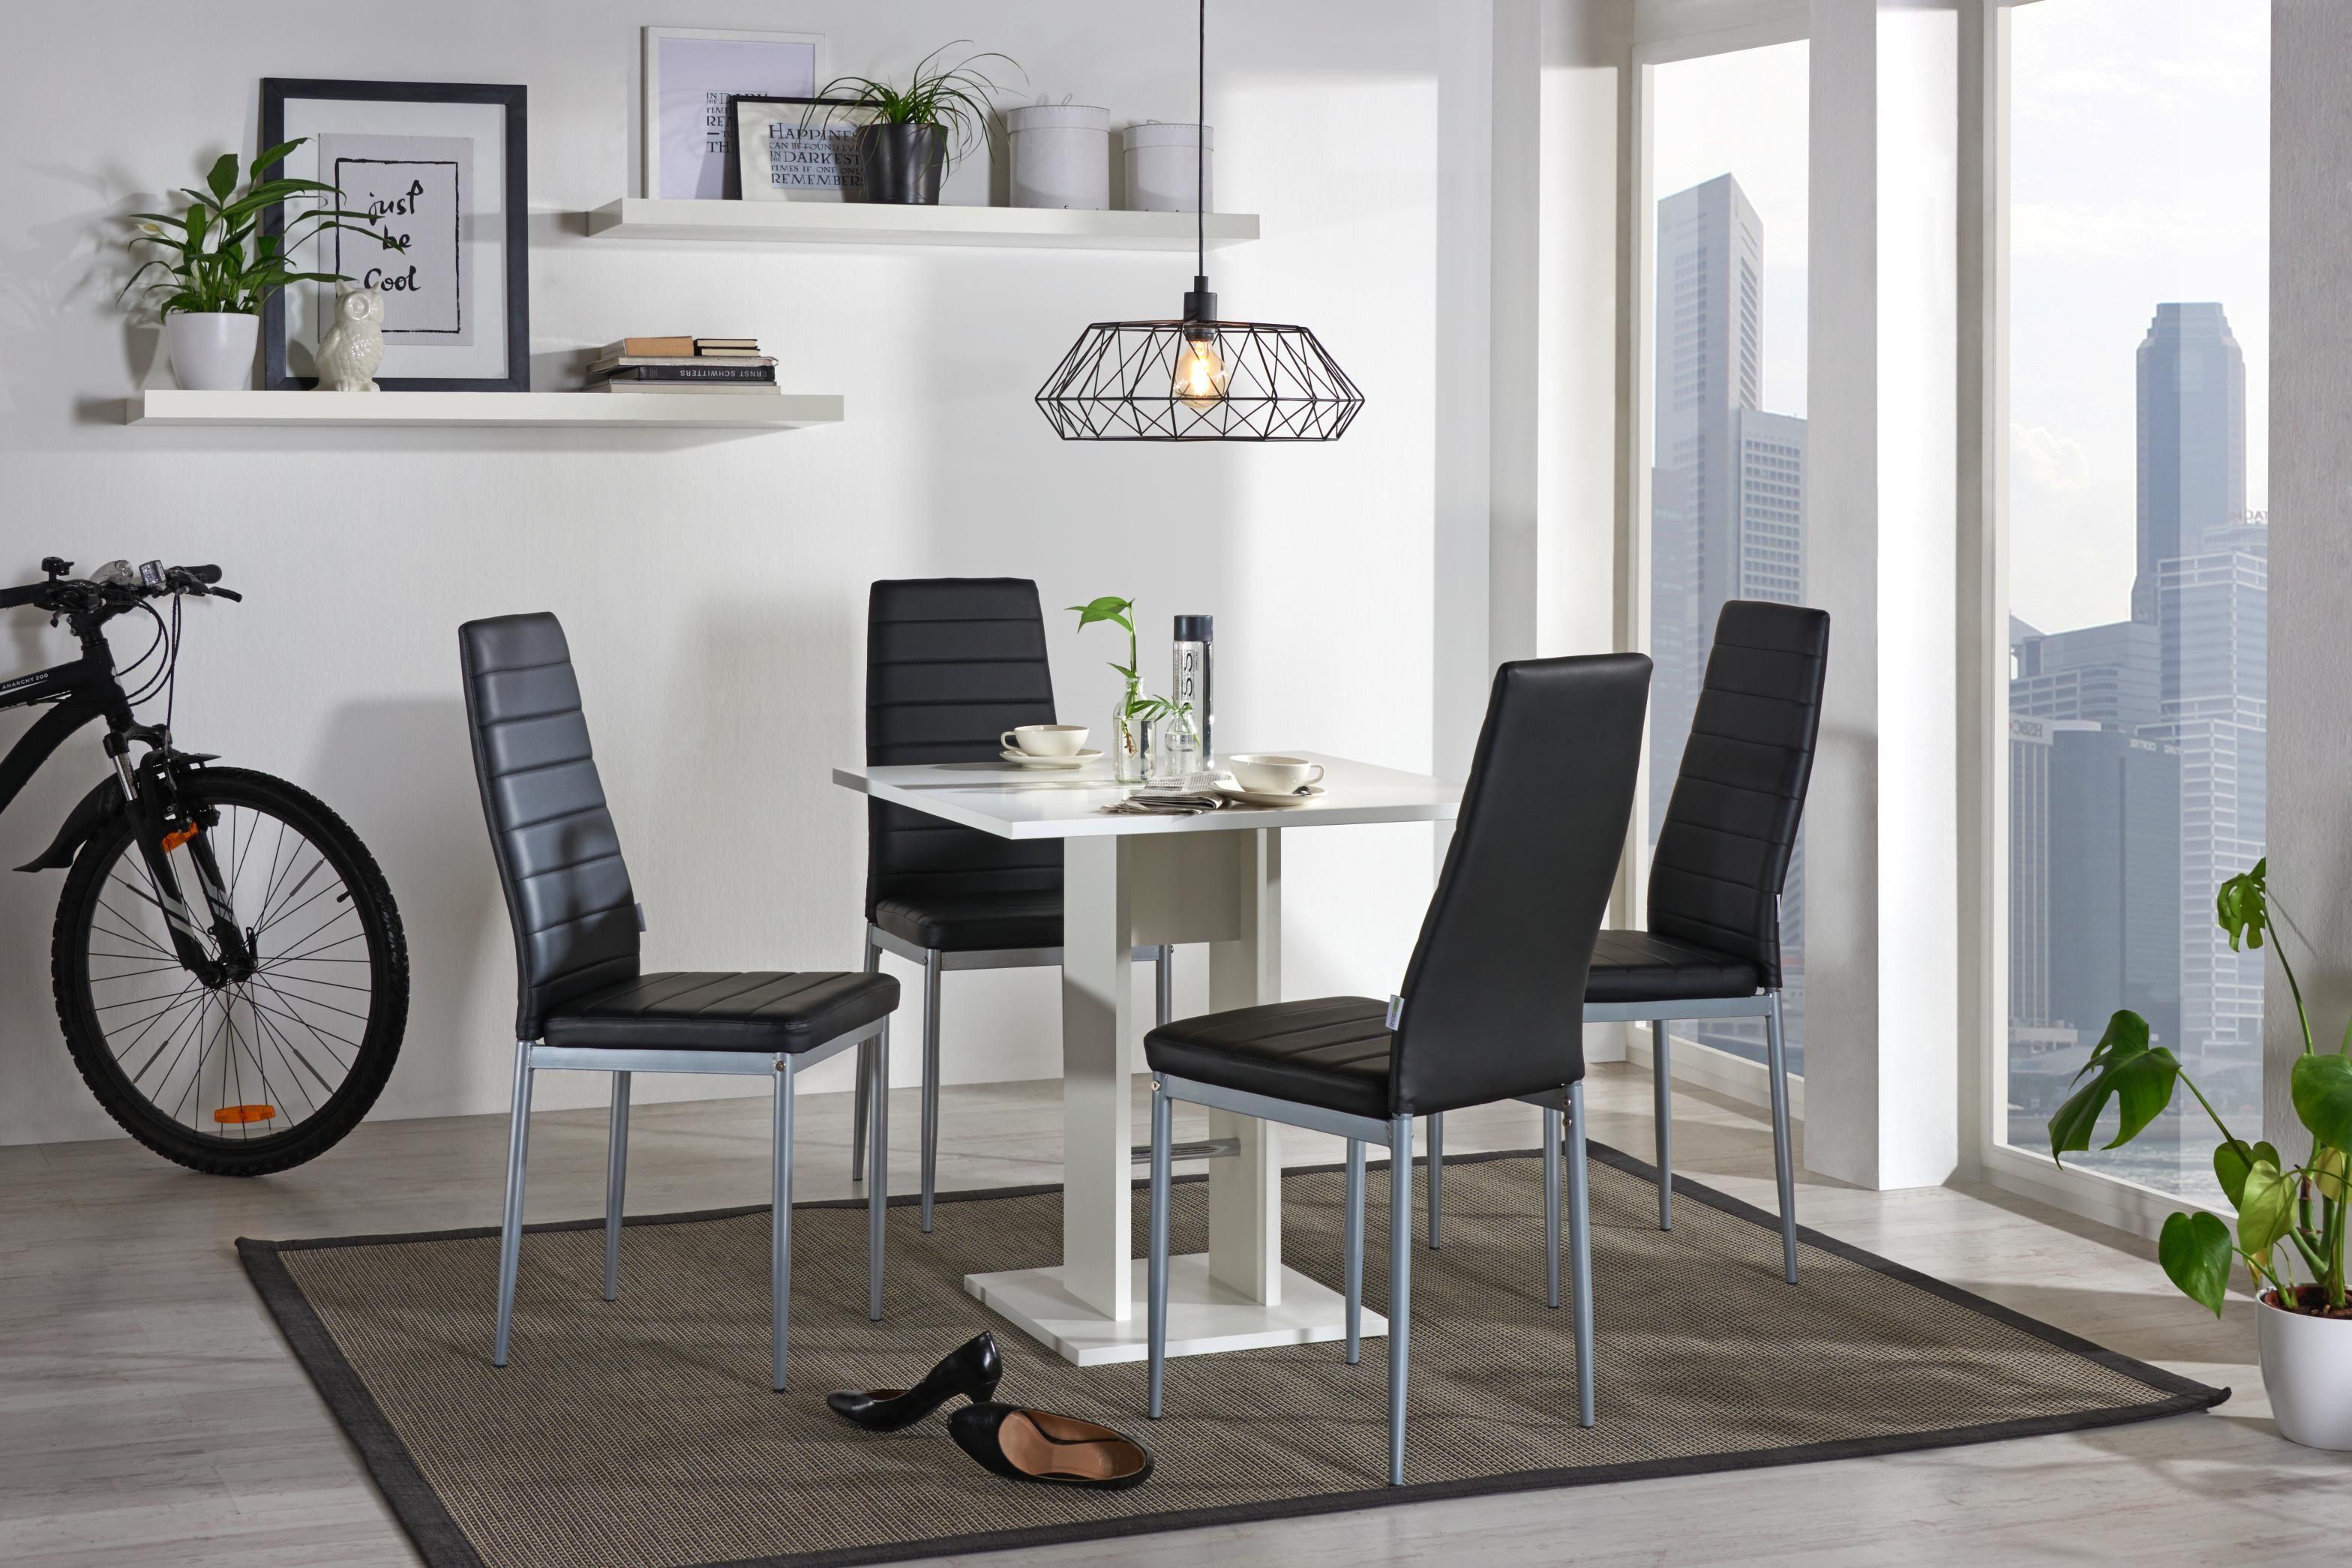 Ideal Für Kleine Räume: Platzsparender Esstisch In Weiß